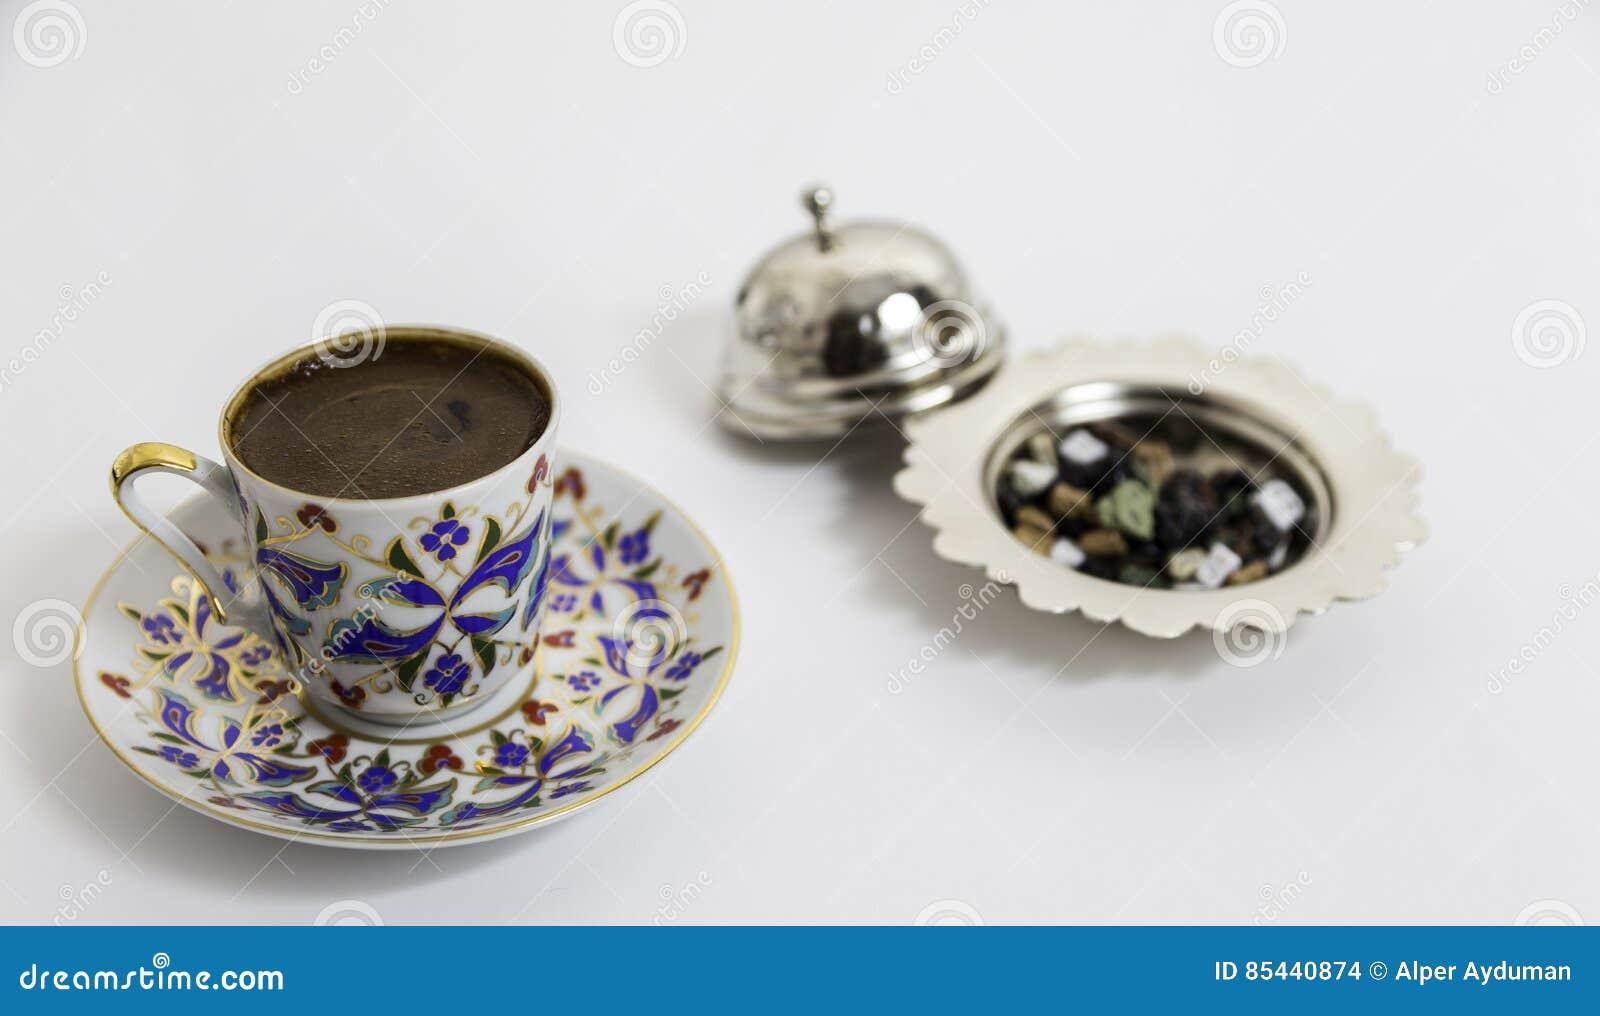 Турецкий кофе с малым шоколадом с подлинной чашкой